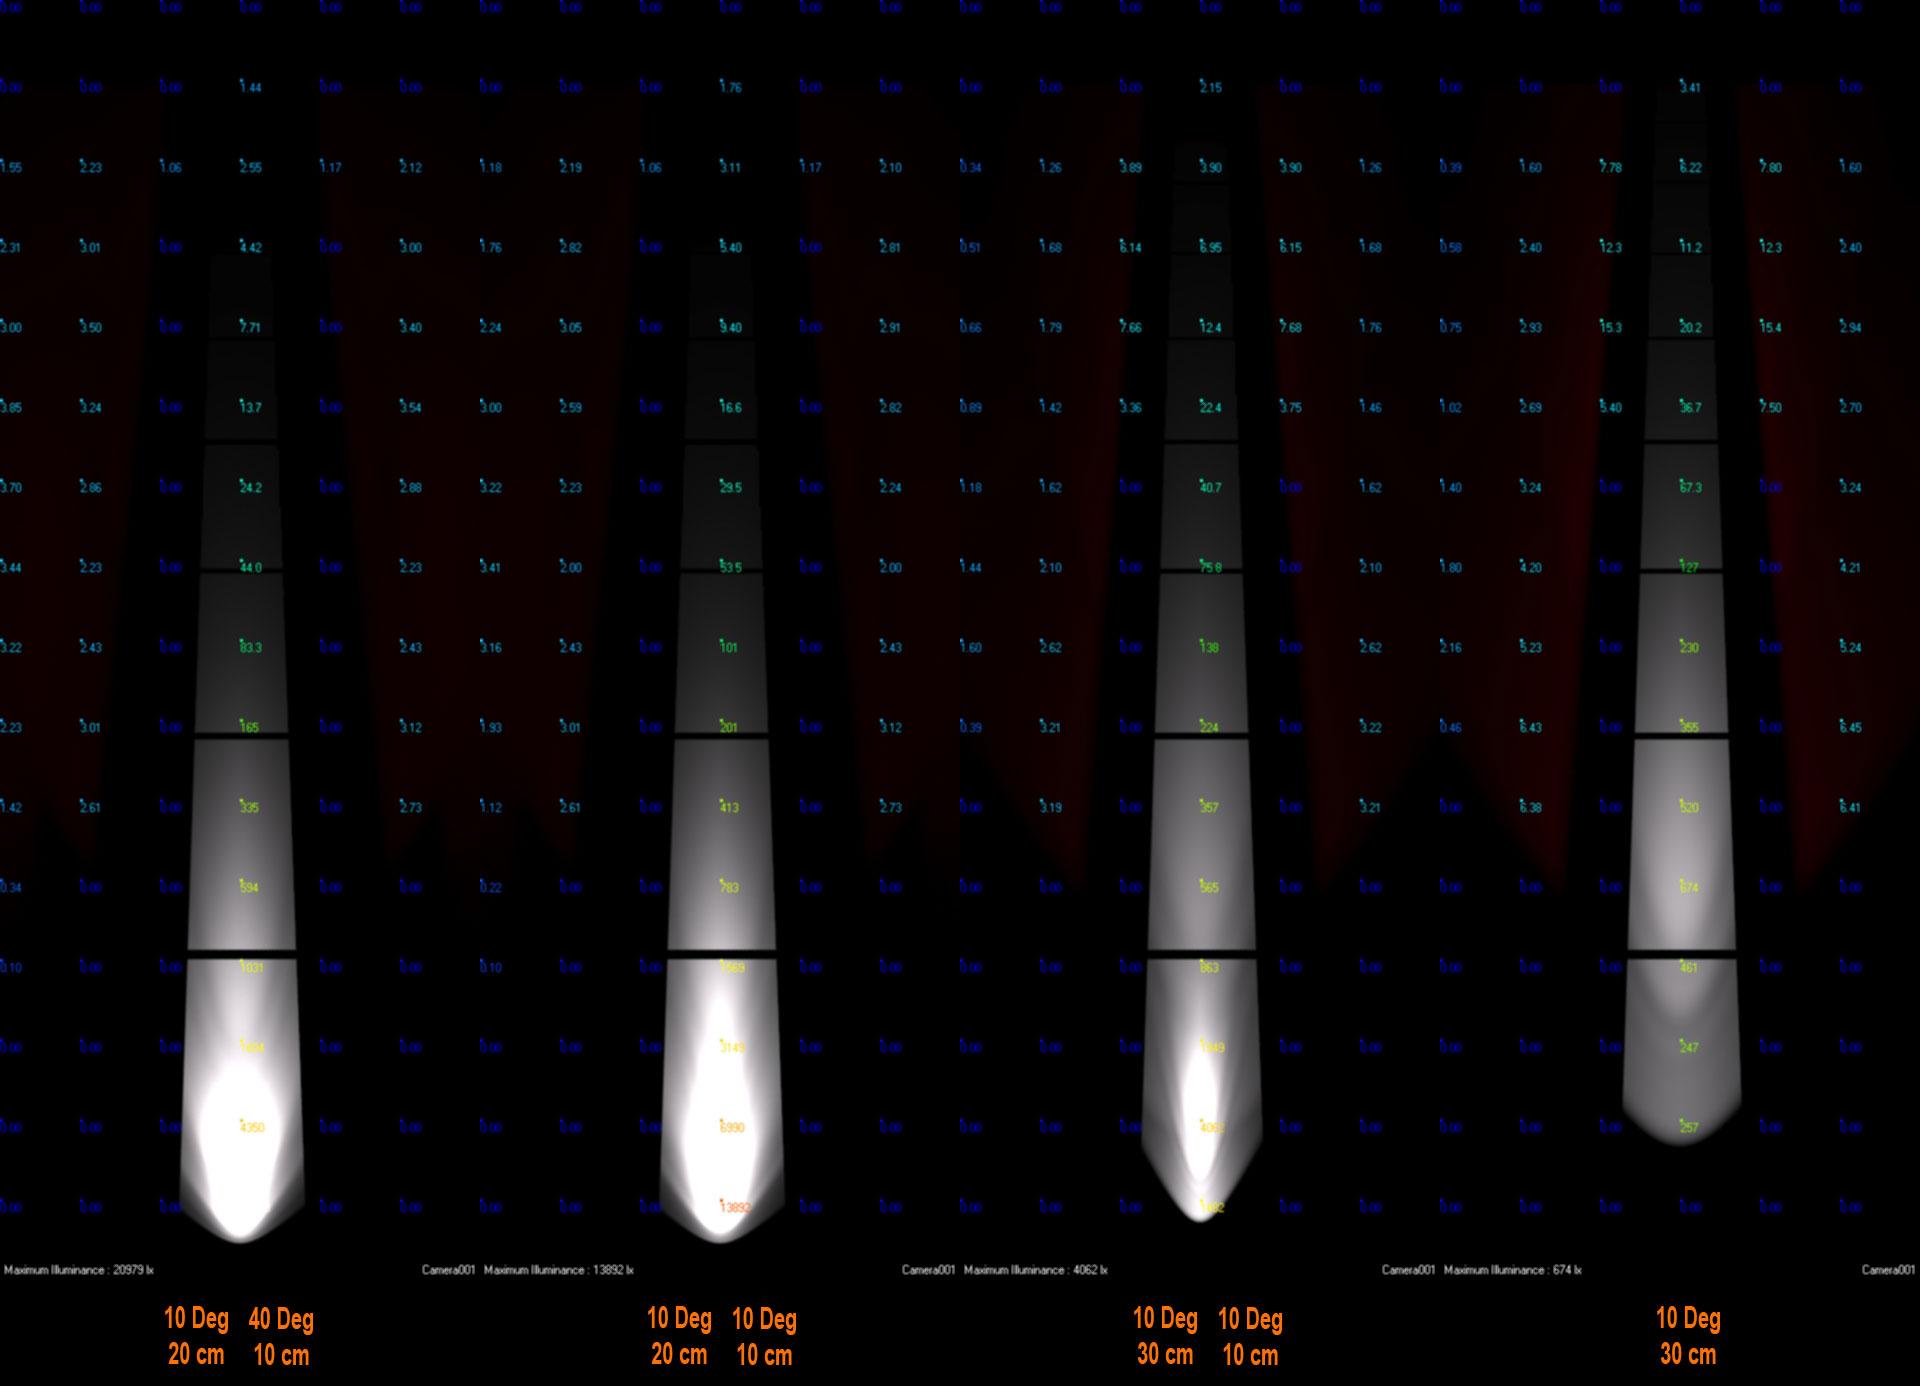 مقایسه و بررسی تاثیر افزایش تعداد پروژکتورها بر کیفیت نورپردازی ستون ها